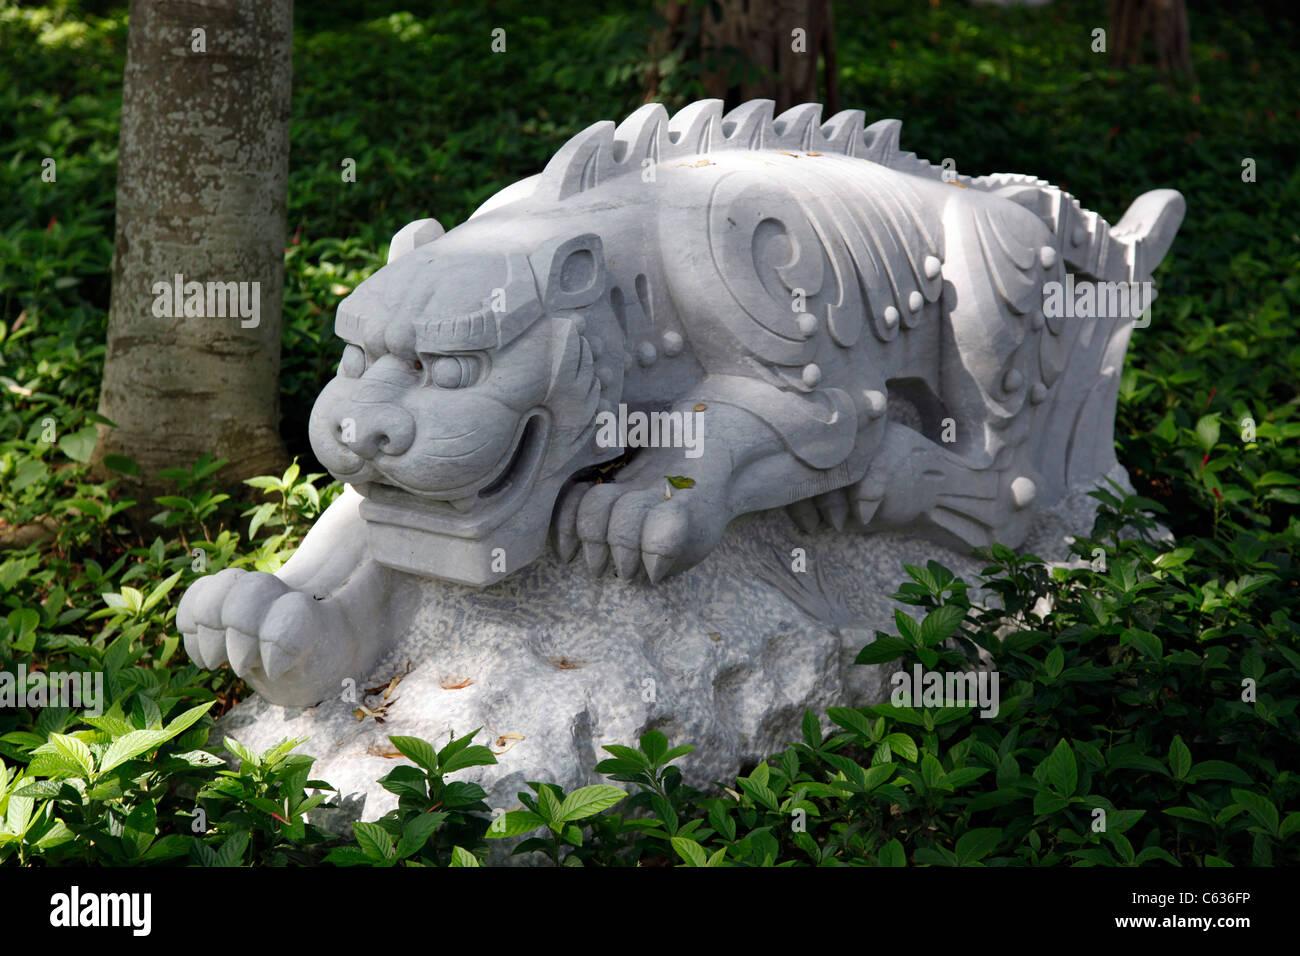 Chinese year symbol statues in Kowloon walled city park, tiger, Hong Kong, China - Stock Image